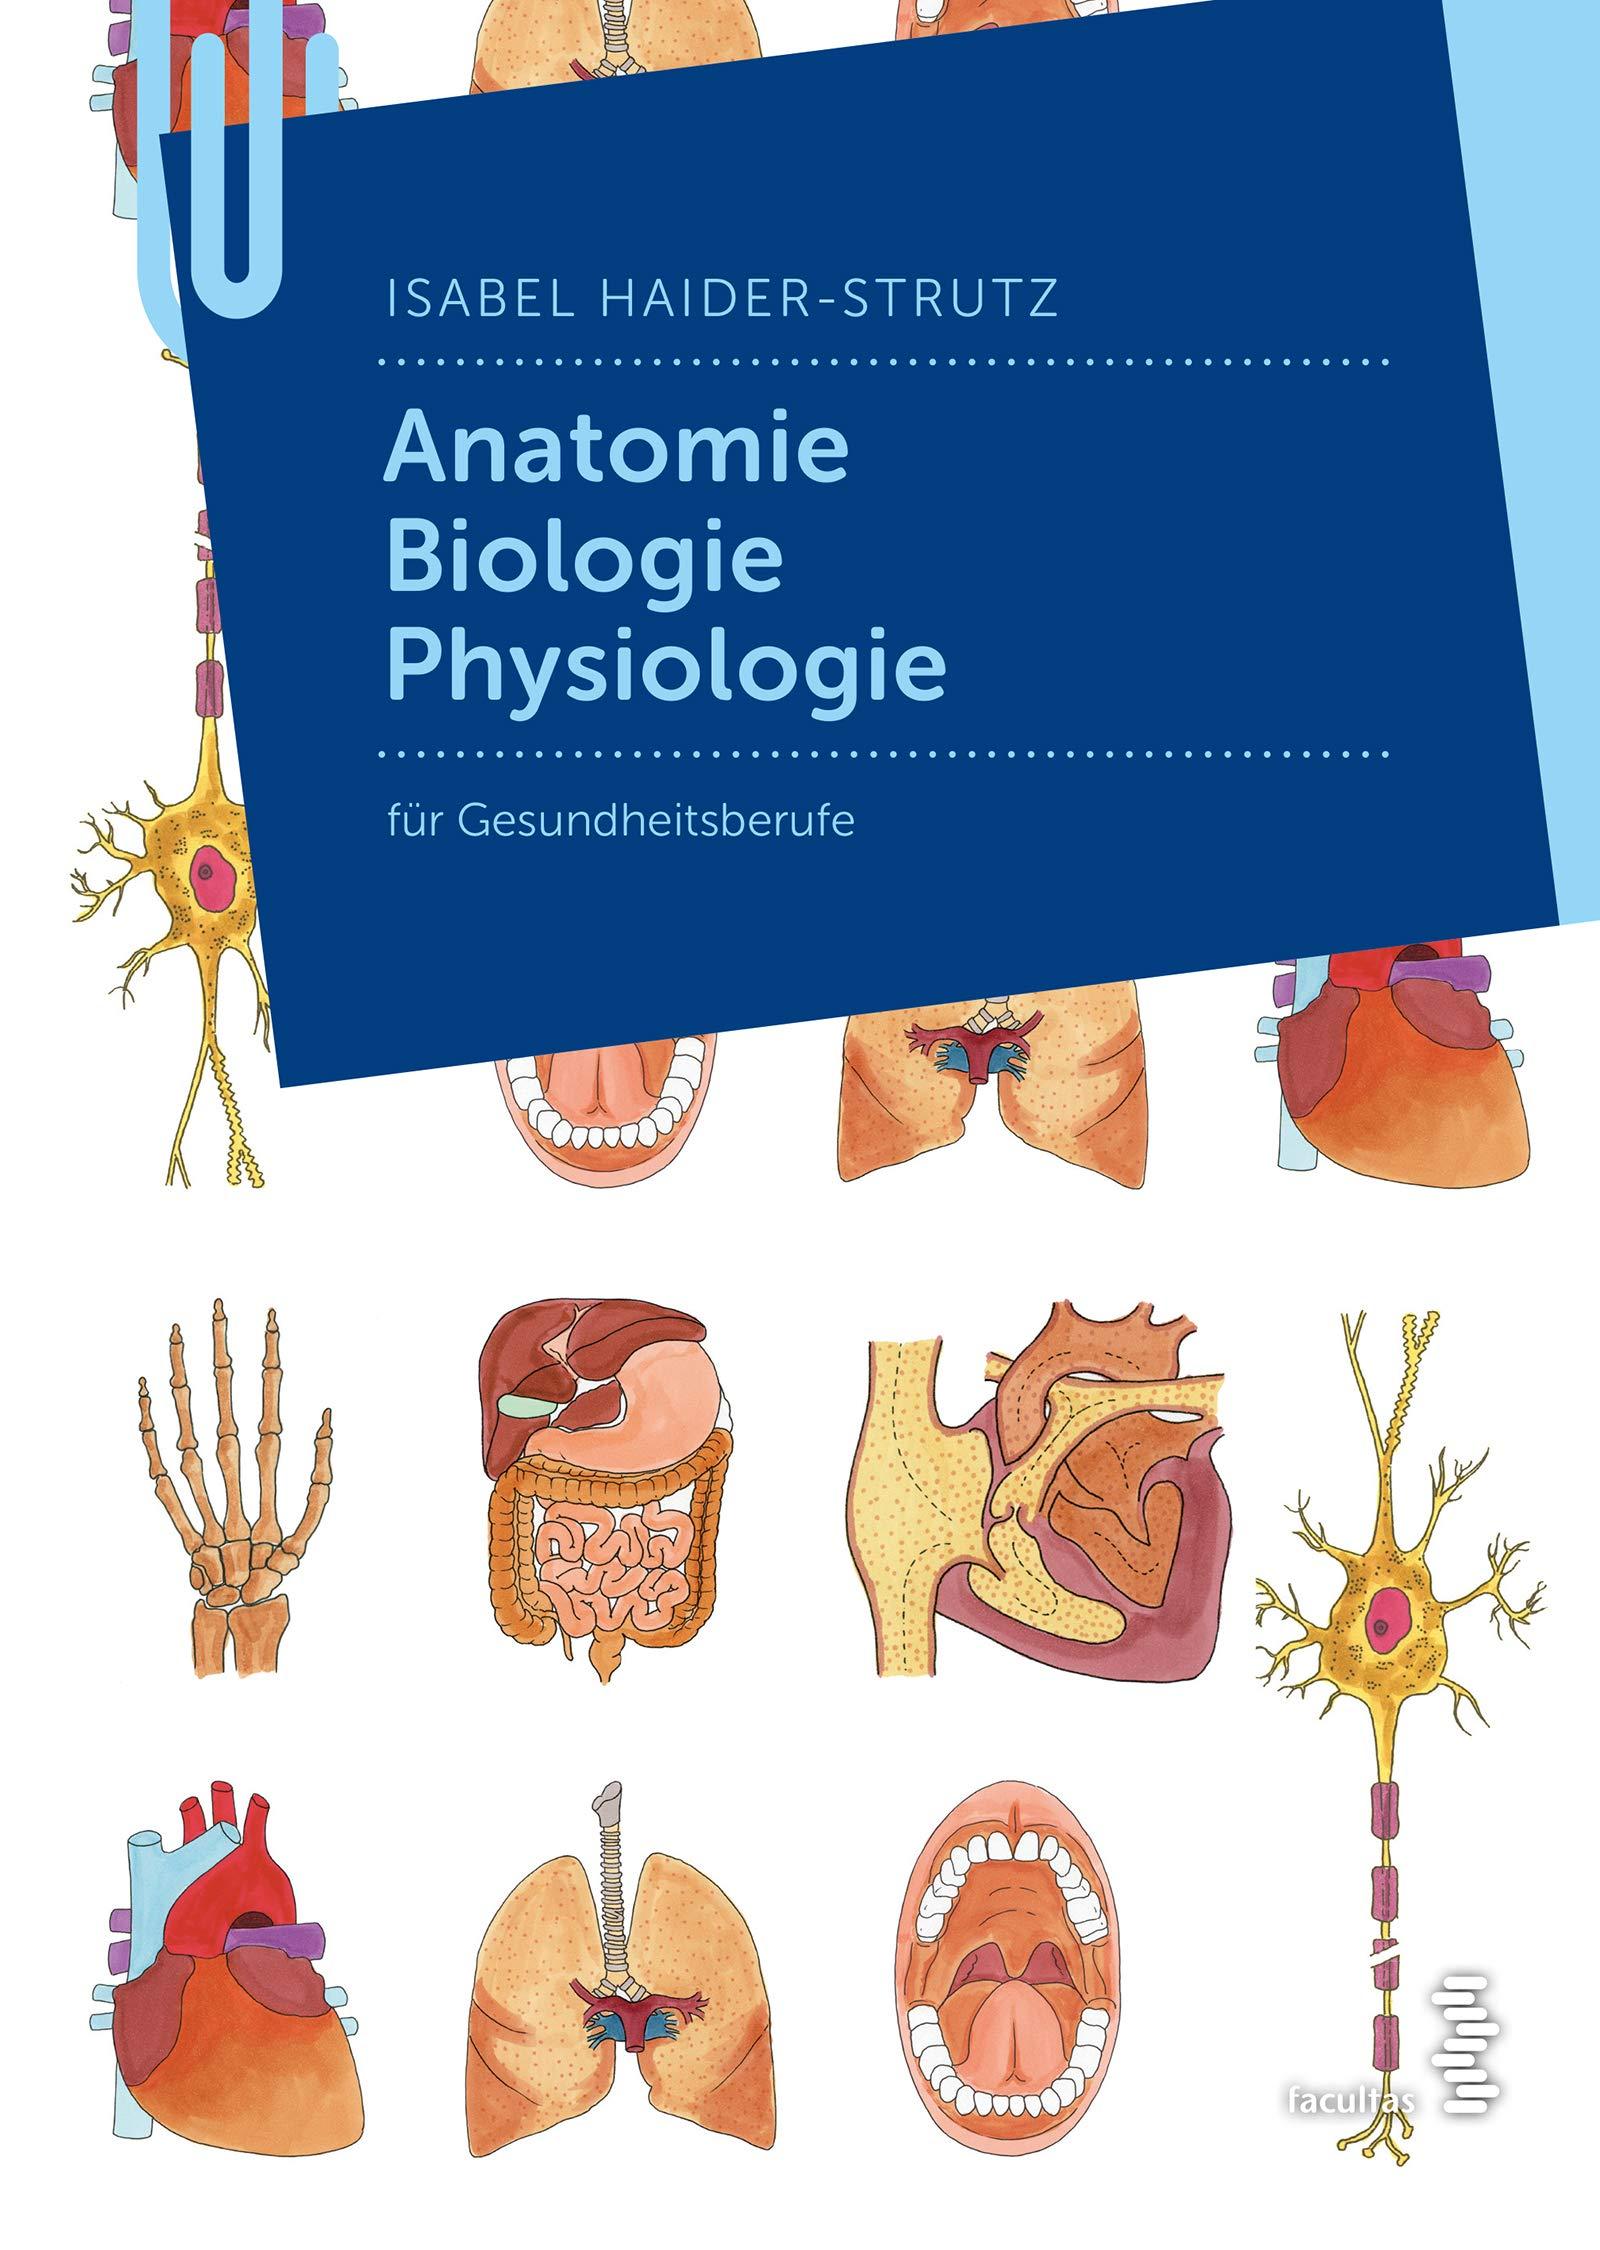 Anatomie - Biologie - Physiologie für Gesundheitsberufe: Amazon.de ...